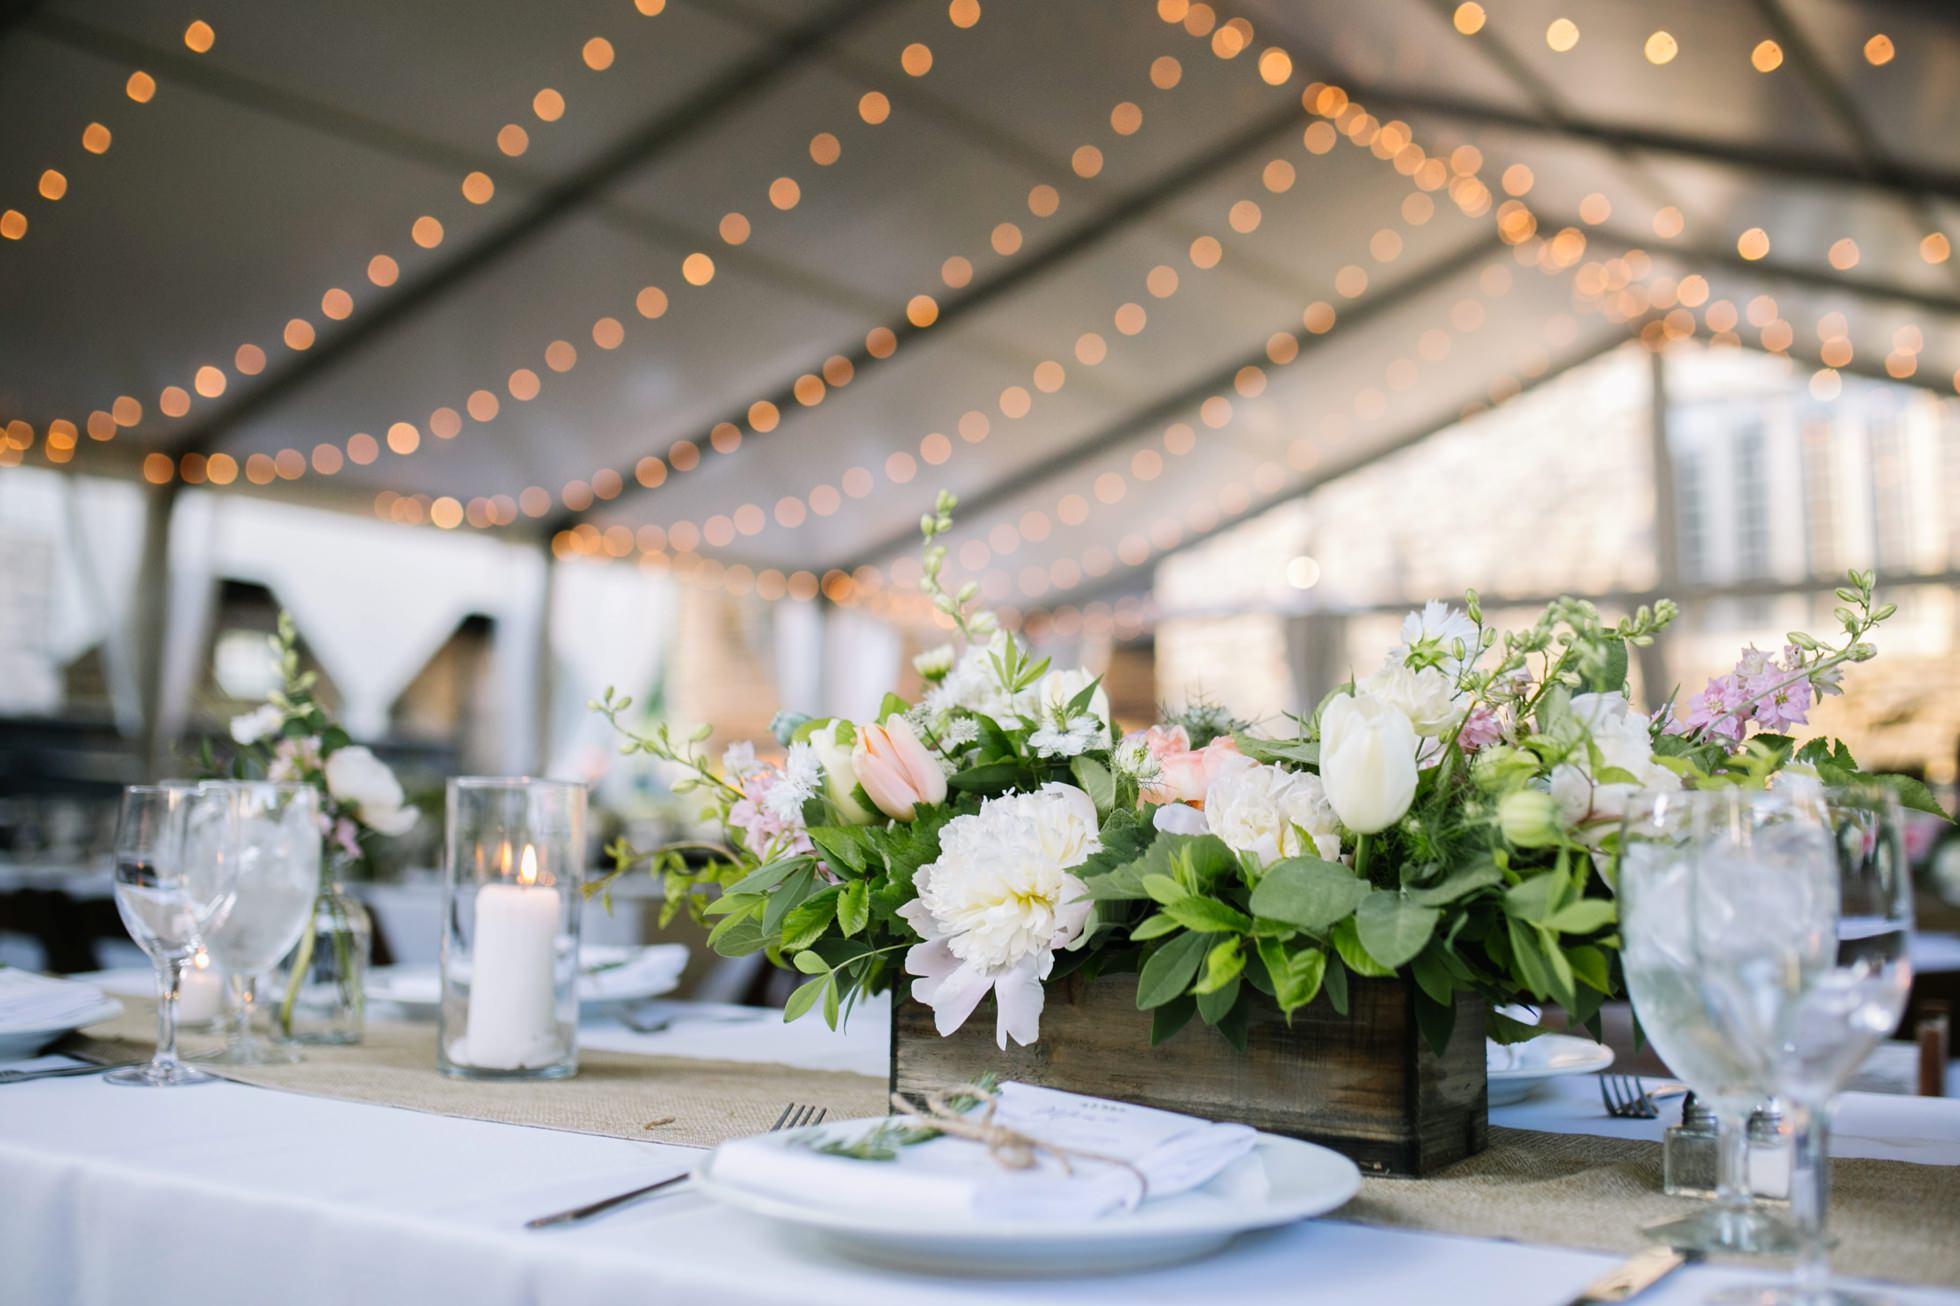 Romantic Bartram's Garden Outdoor Summer Wedding, Philadelphia | brittneyraine.com 073